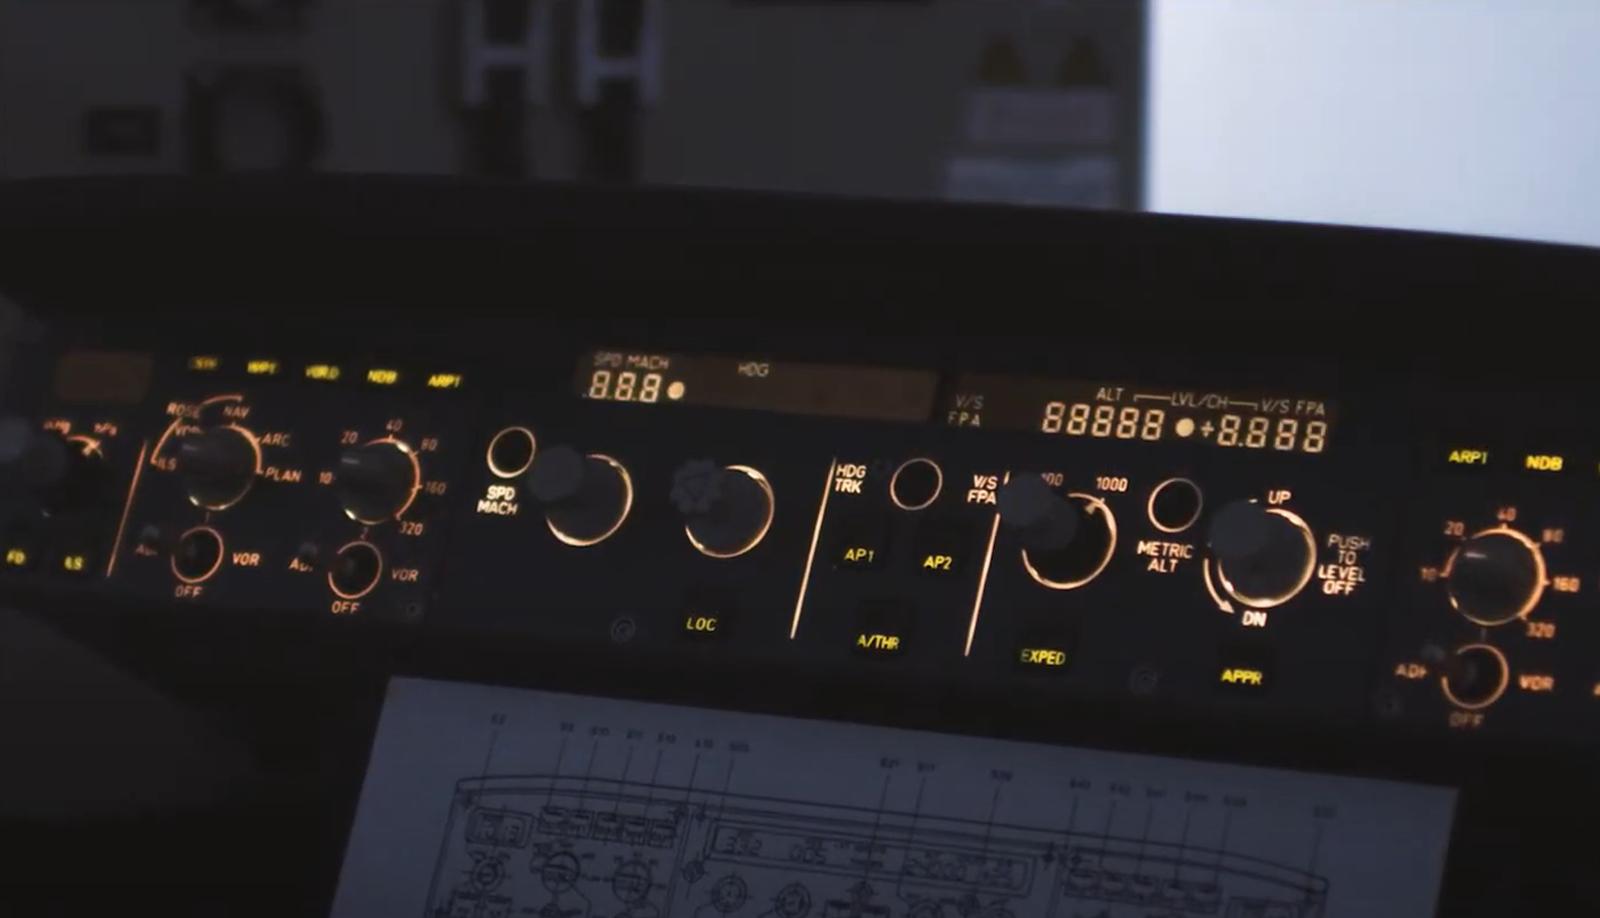 Close up of aircraft control panel